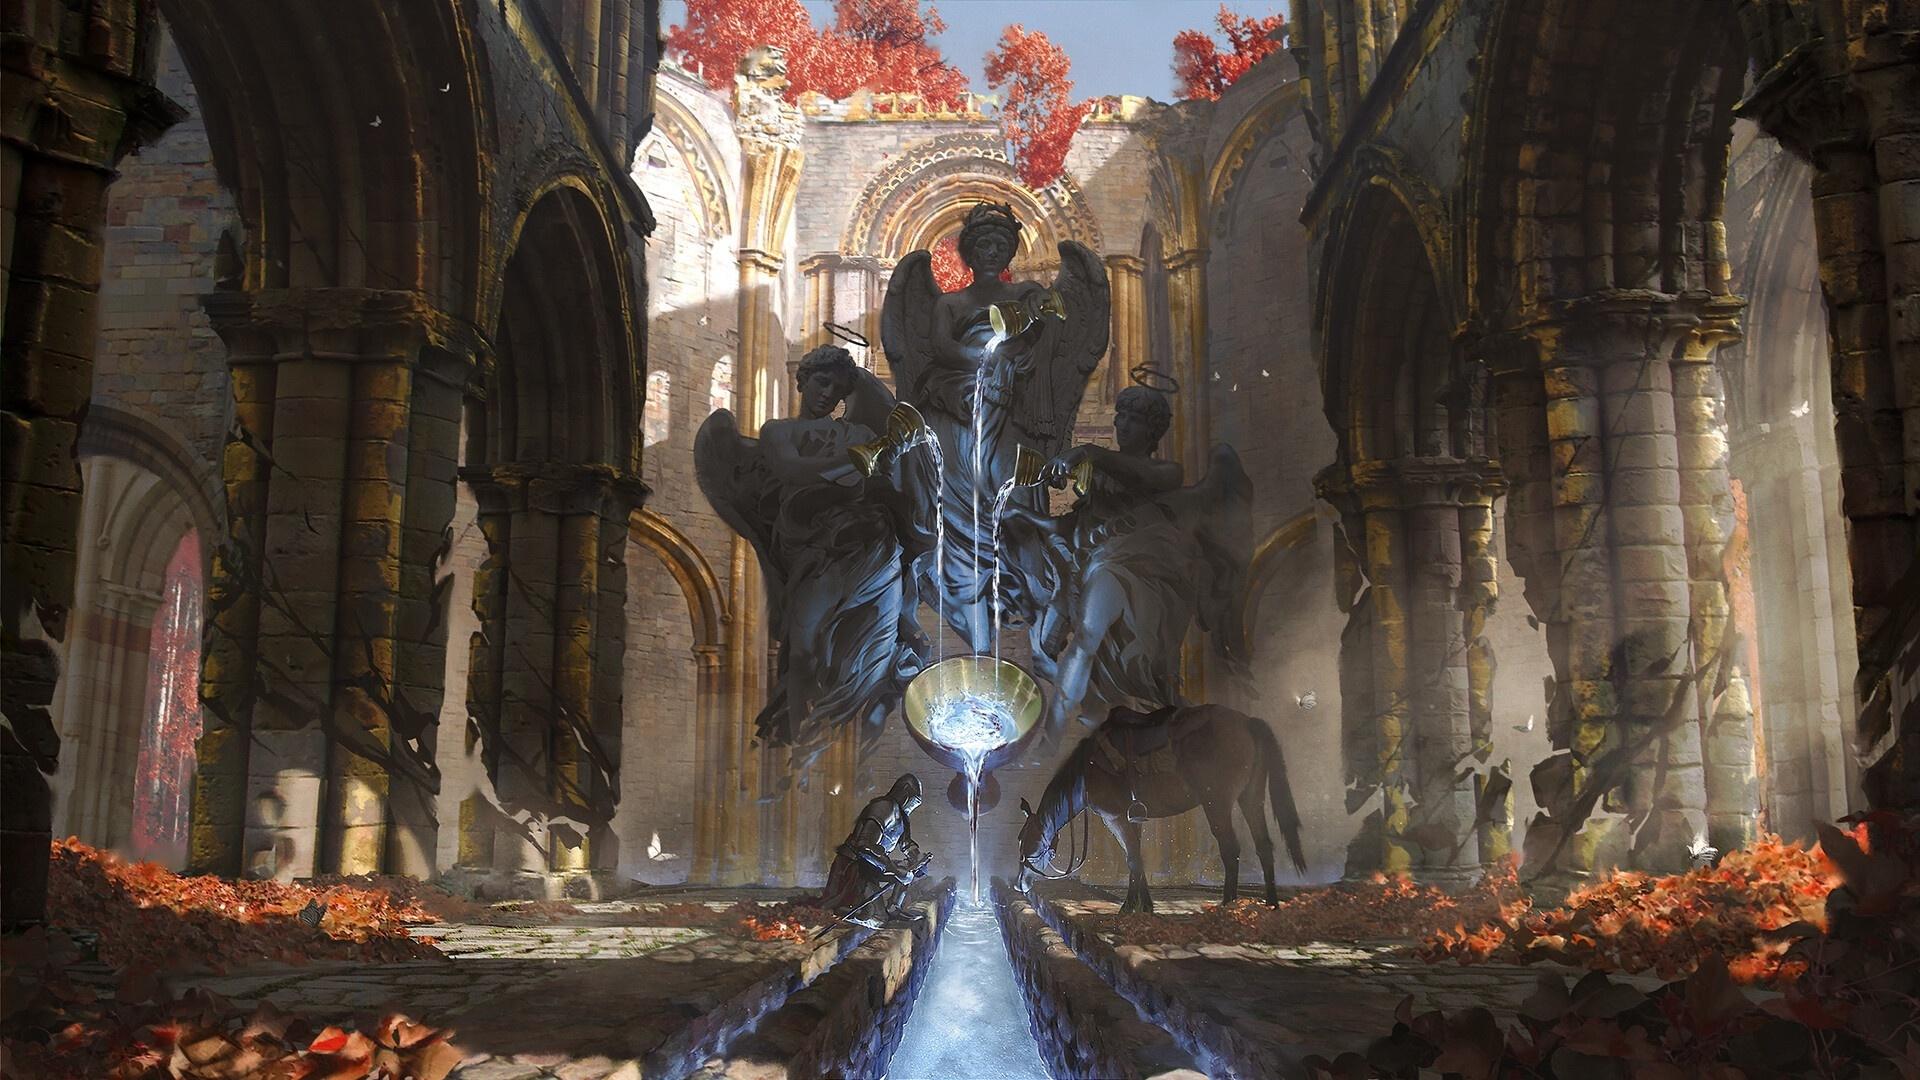 развалины, фонтан, рыцарь, лошадь, статуя,ангелы,живая,вода